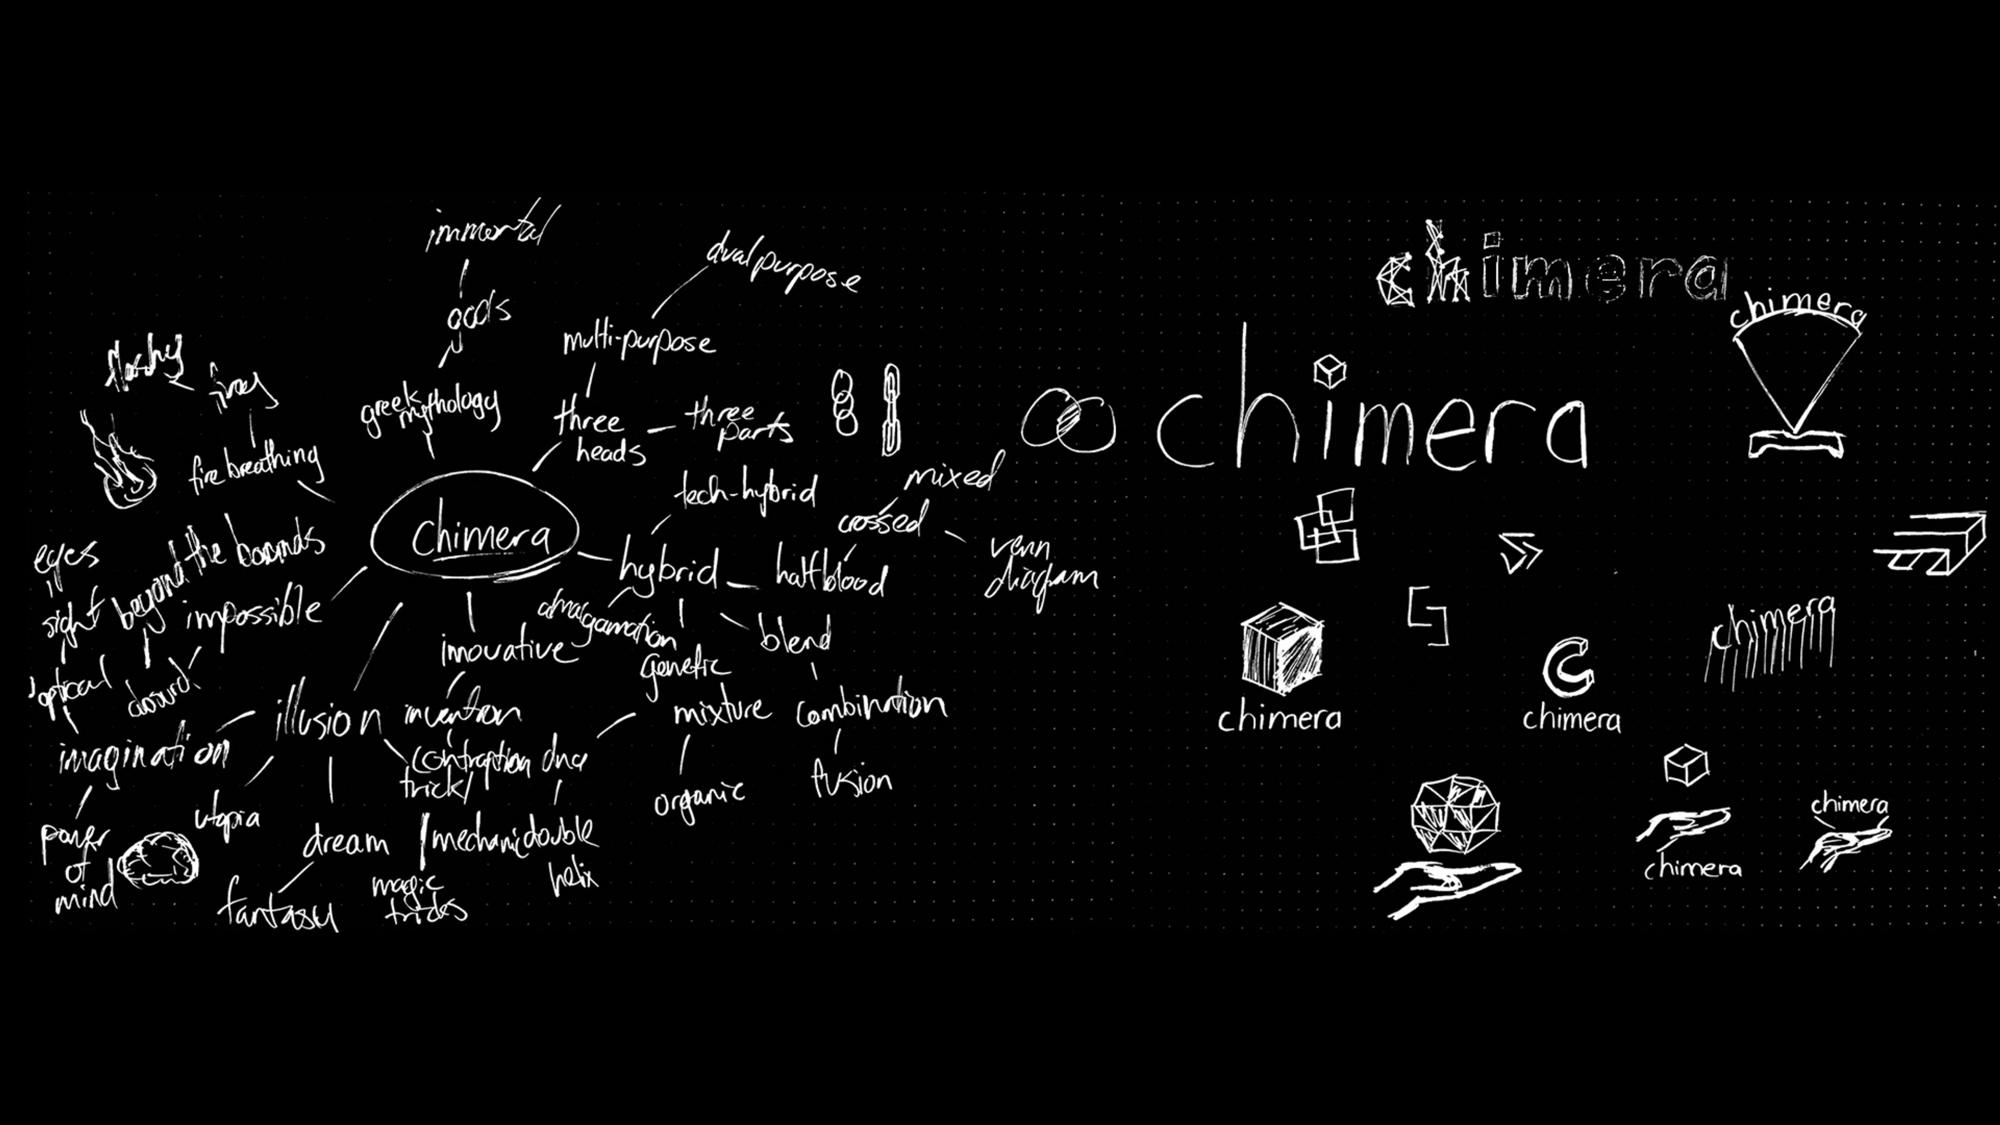 chimera4.jpg